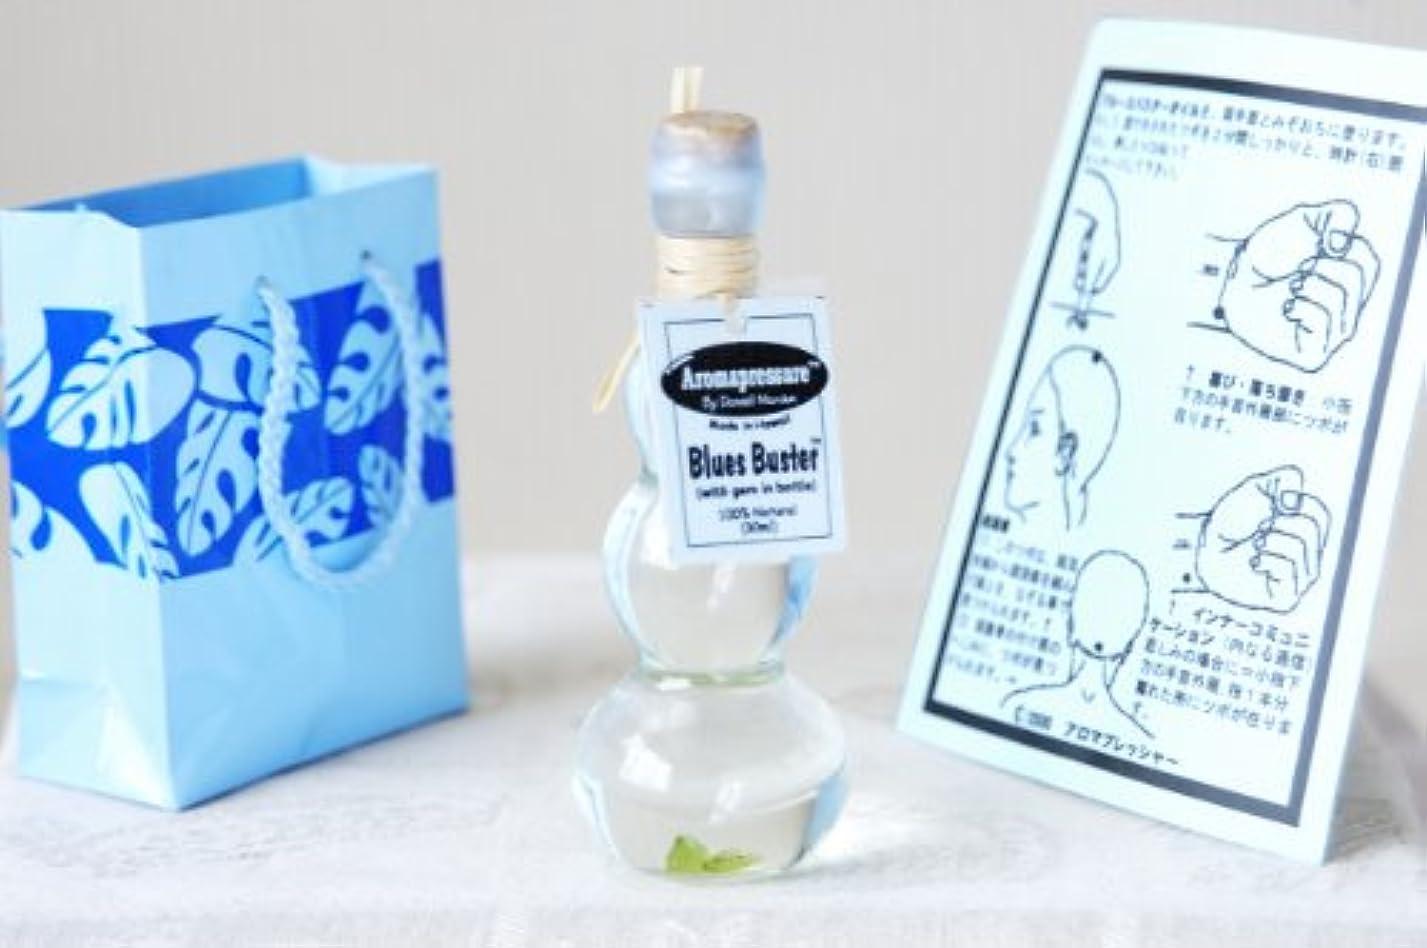 ヒゲ観客小道具アロマプレッシャー エナジーブースター スピリチュアルオイル(パワーストーン入り)ブルースバスター